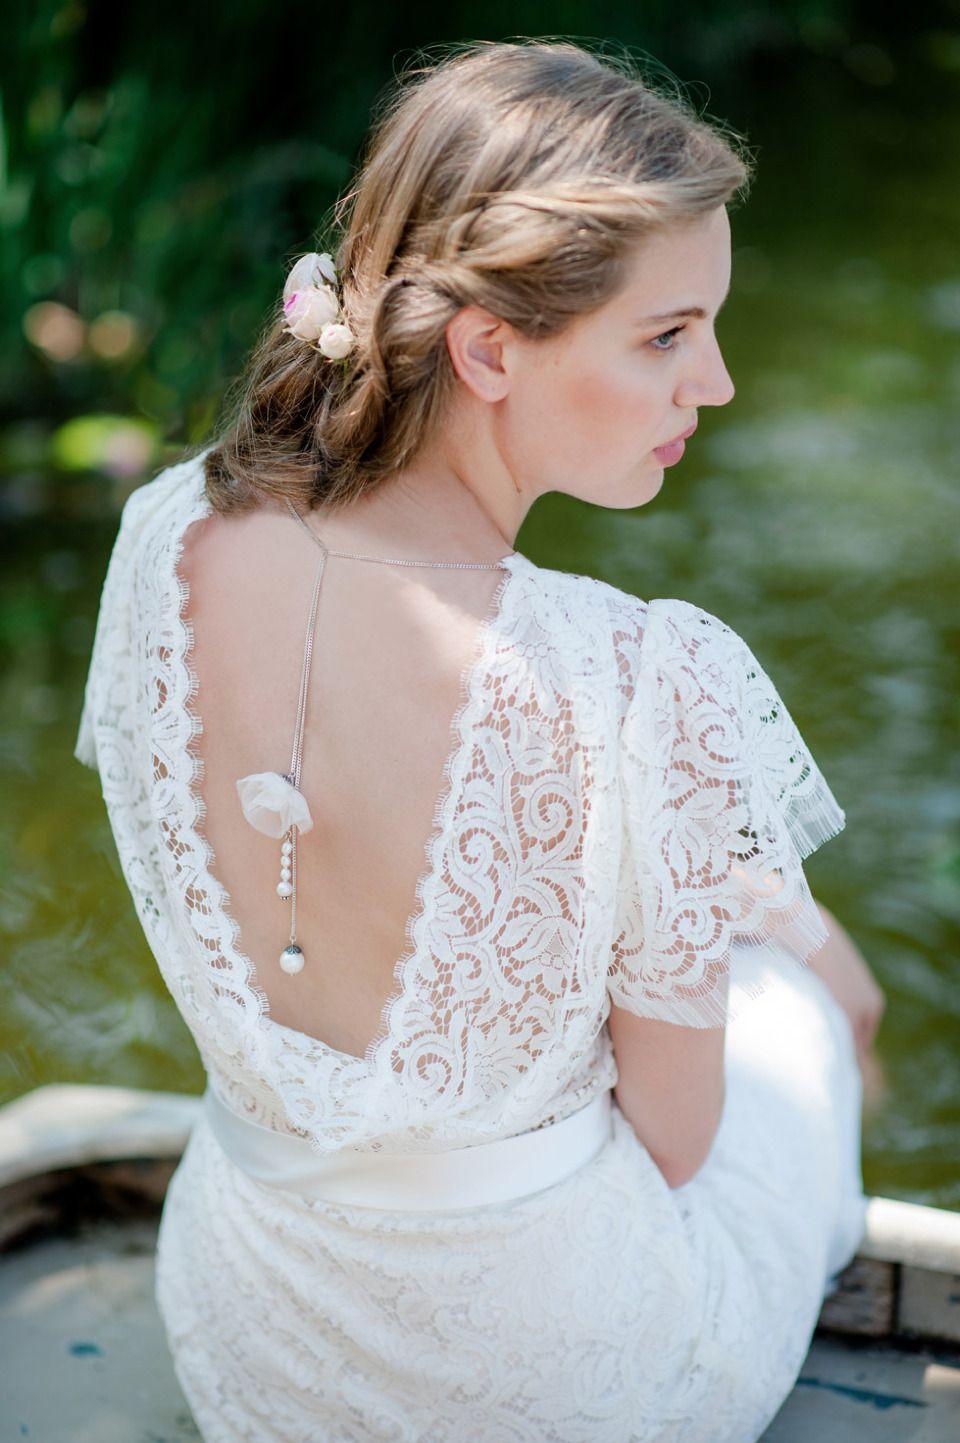 Charmante Brautkleider von therese und luise | Romantic photos ...